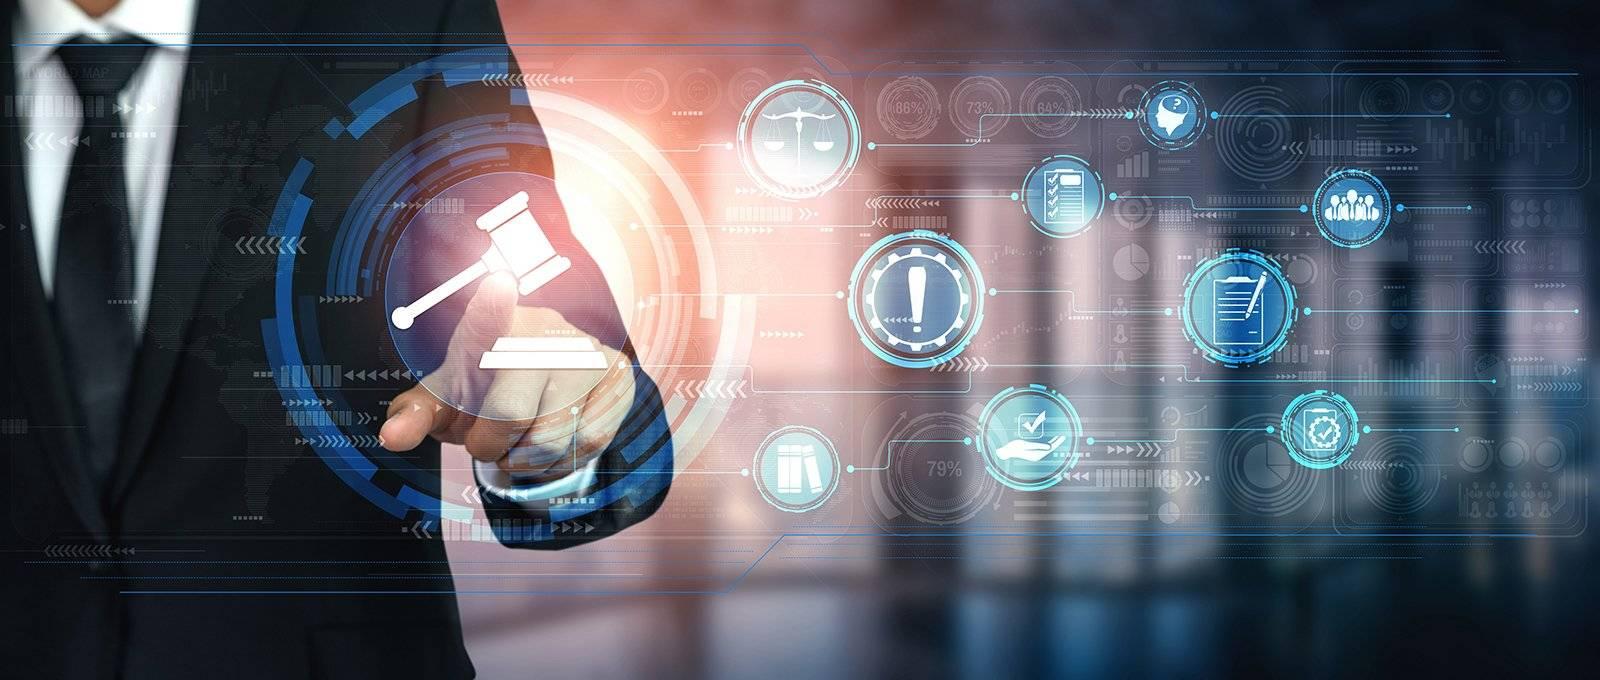 Diritto e-commerce, LegalBlink genera (automaticamente) i documenti legali per i siti internet